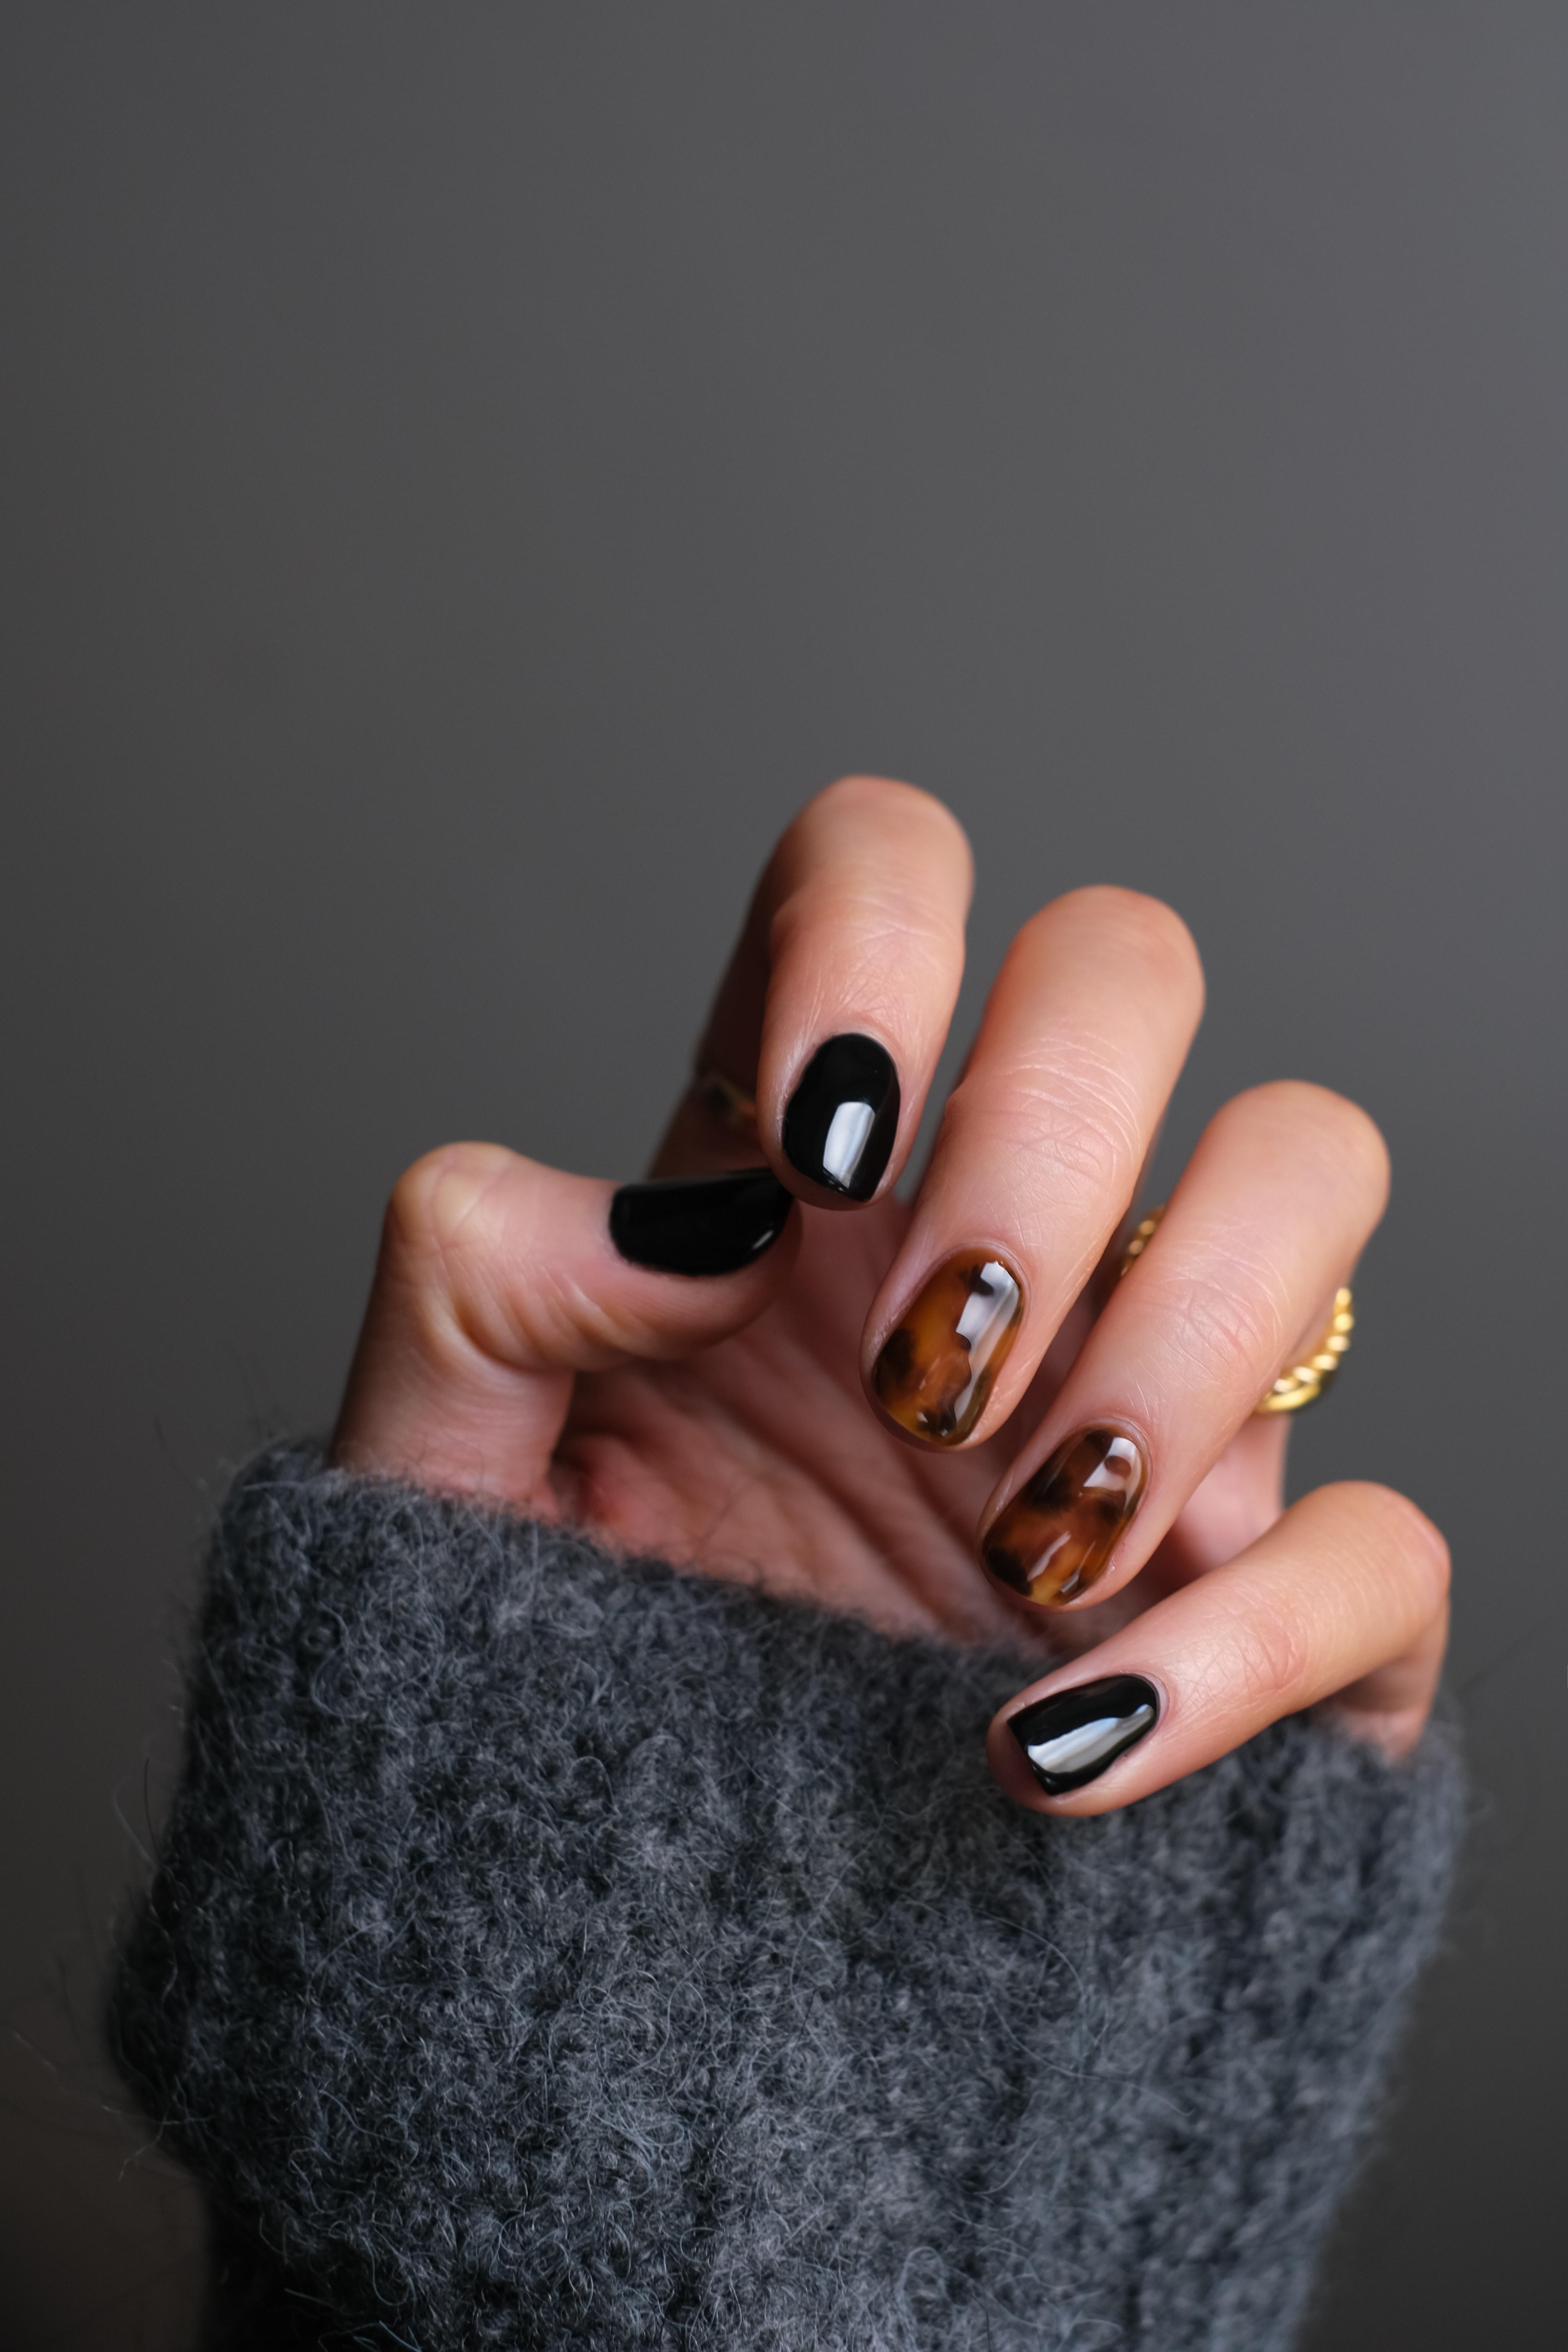 nail tech work